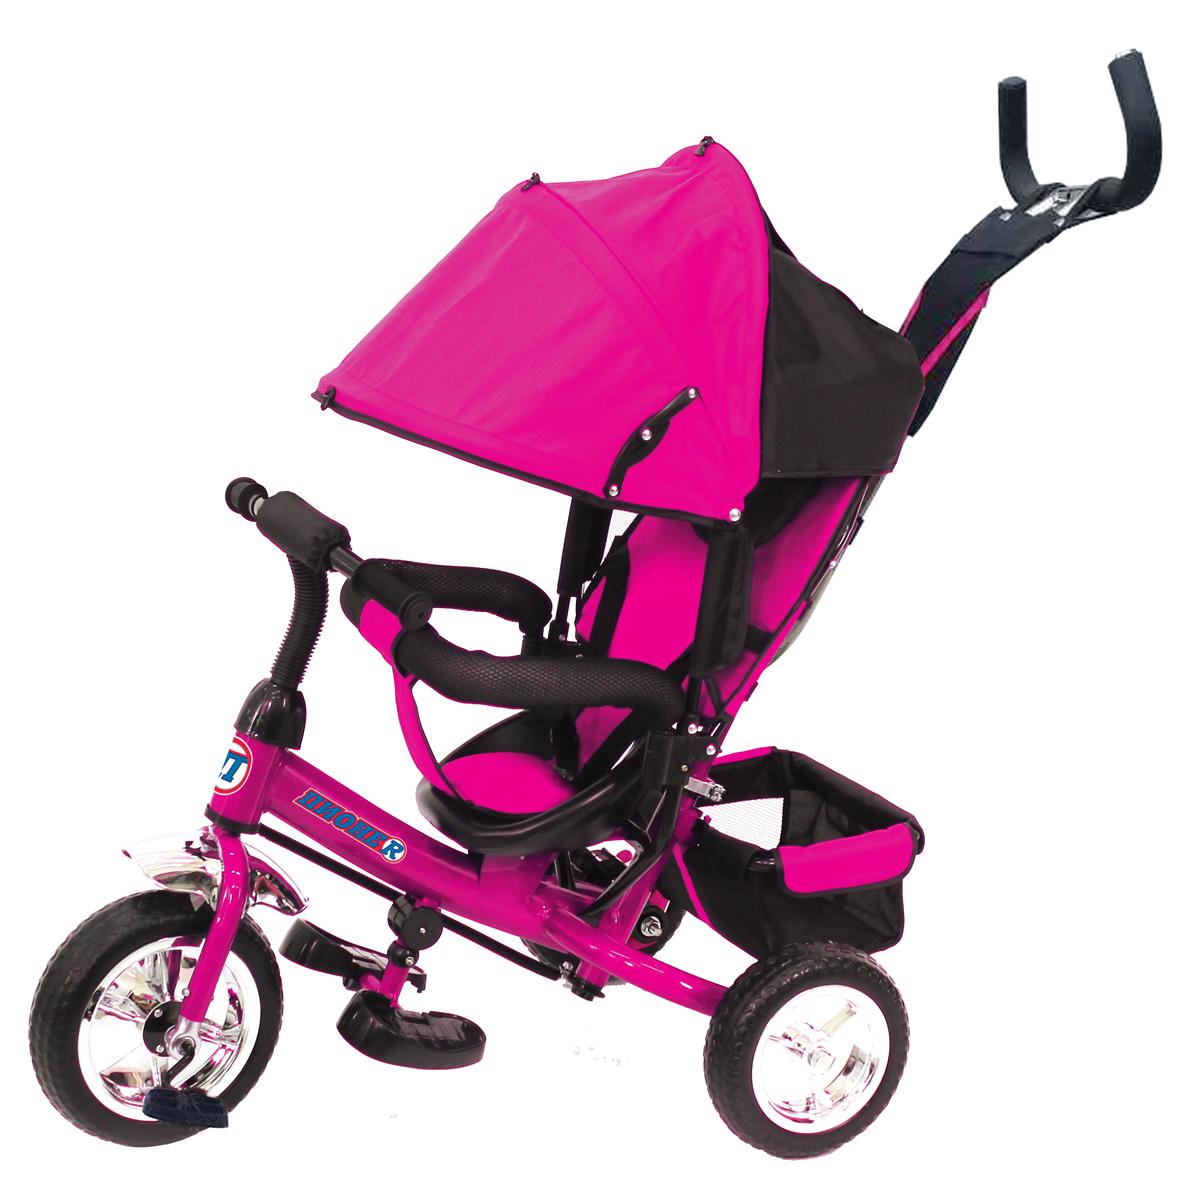 ПИОНЕR Велосипед трехколесный цвет розовый P1P